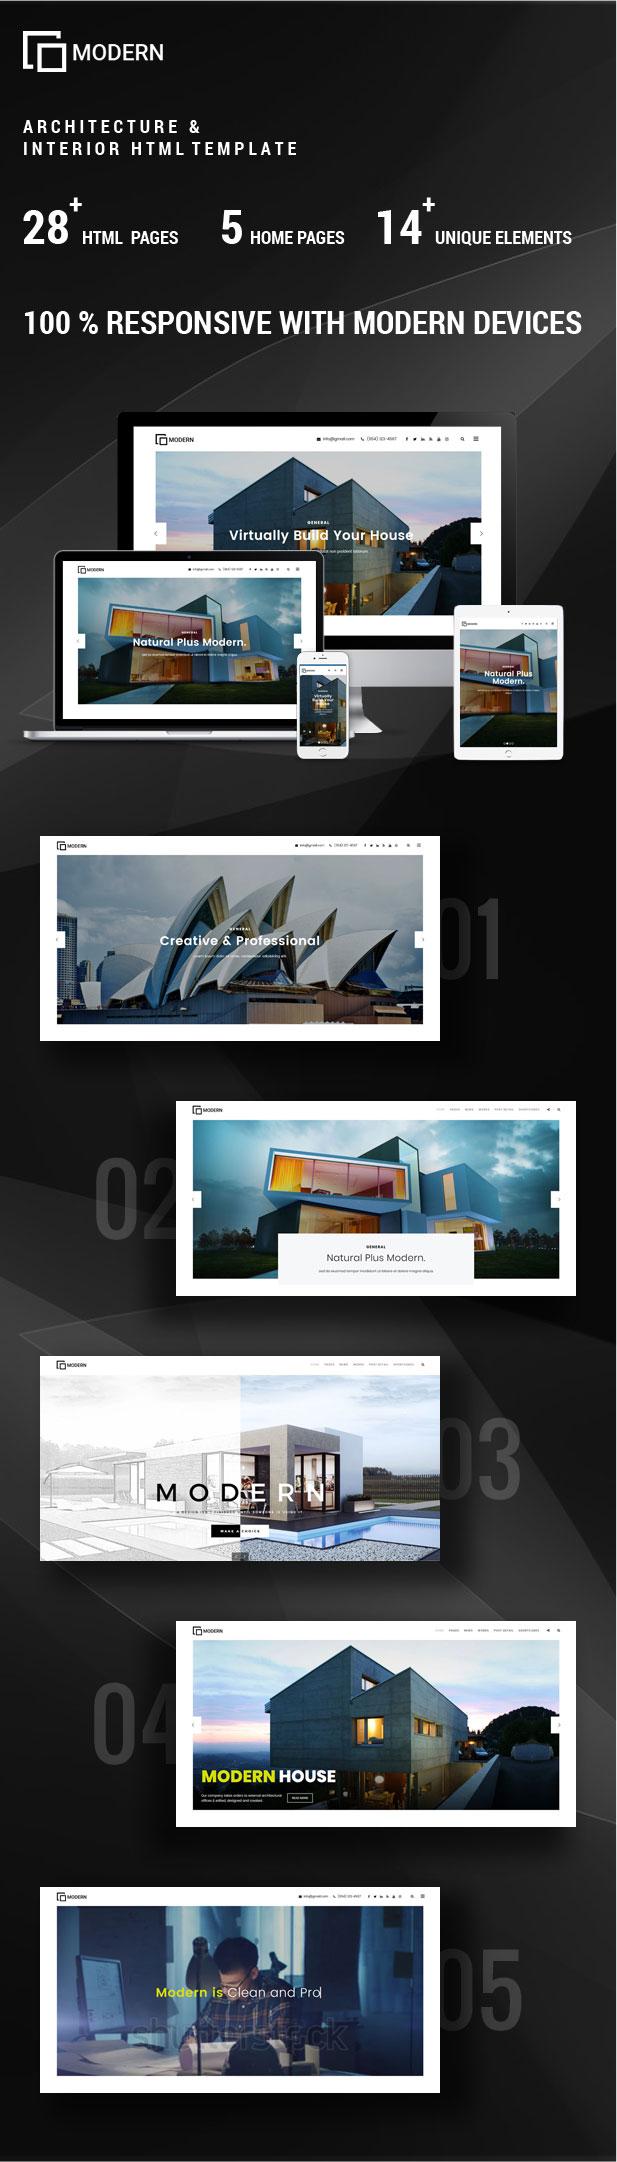 Architecture - Architecture & Interior - 3